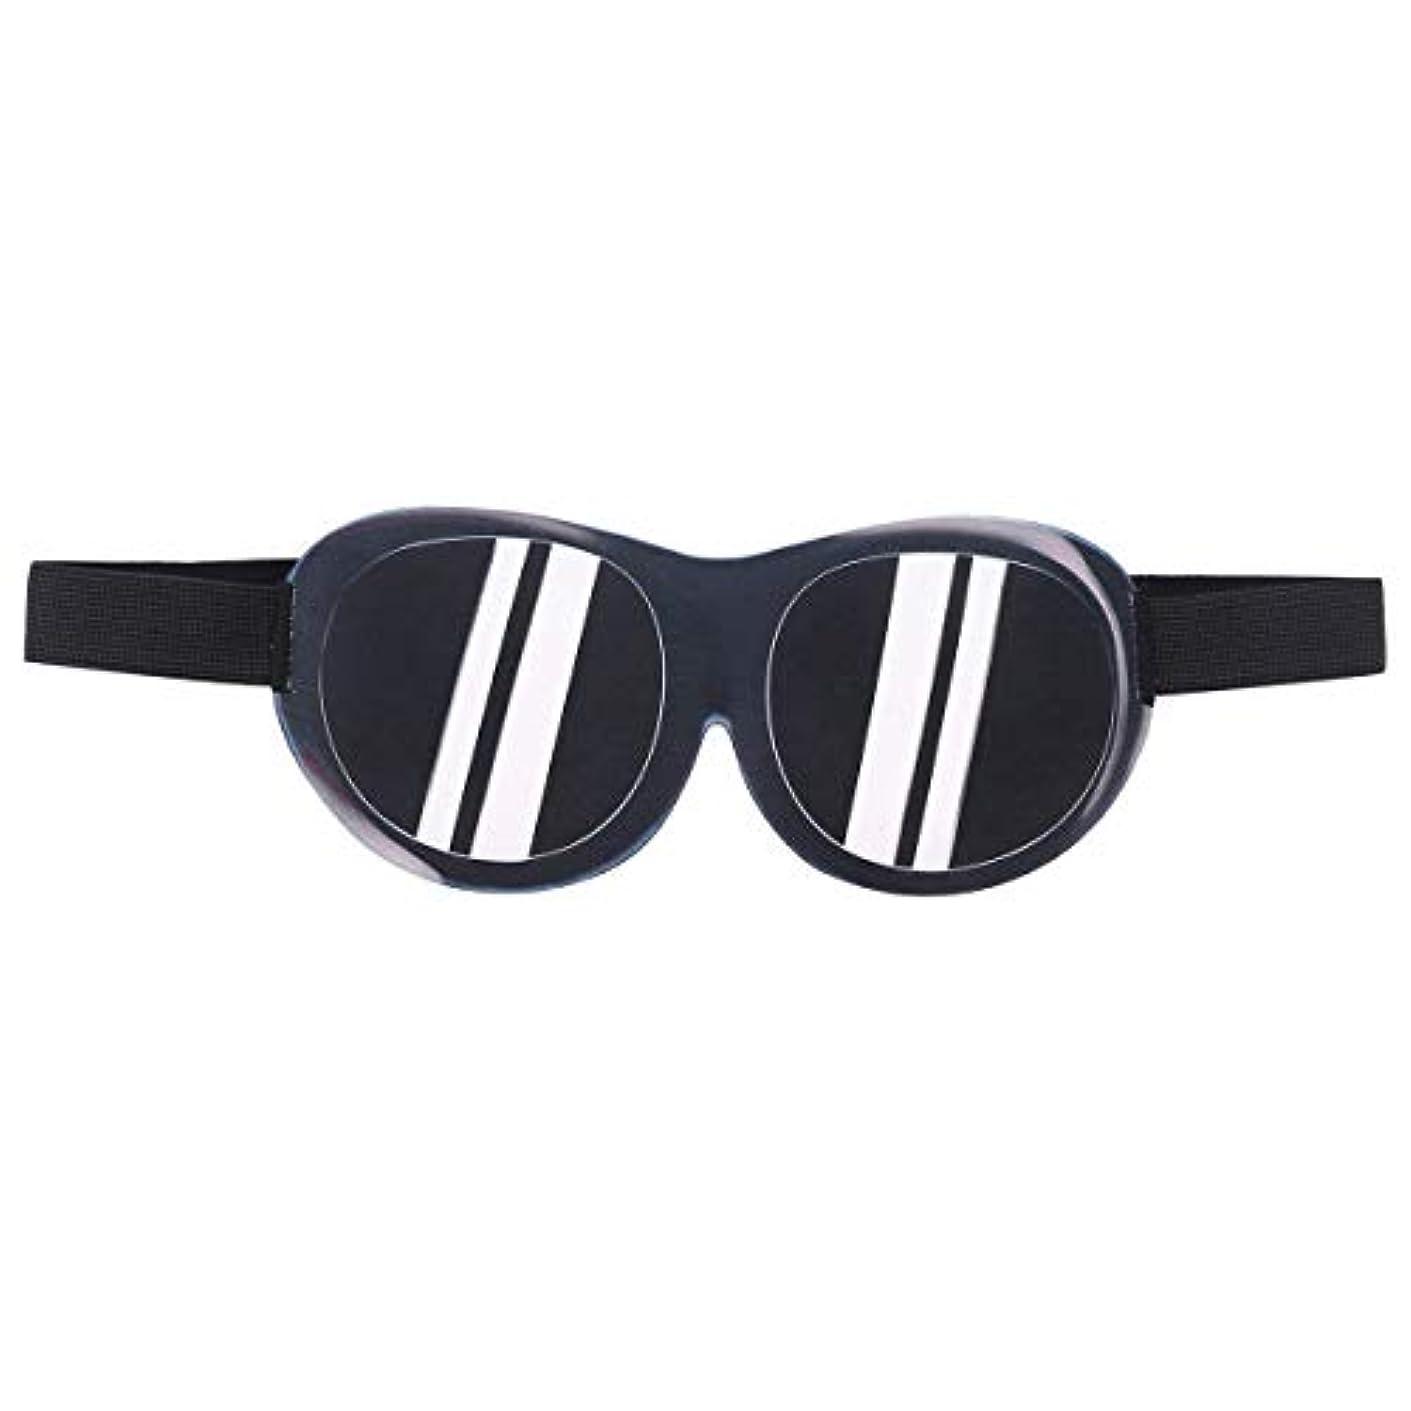 選択する広範囲シェルターHealifty 3D面白いアイシェード睡眠マスク旅行アイマスク目隠し睡眠ヘルパーアイシェード男性女性旅行昼寝と深い睡眠(サングラスを装ったふりをする)